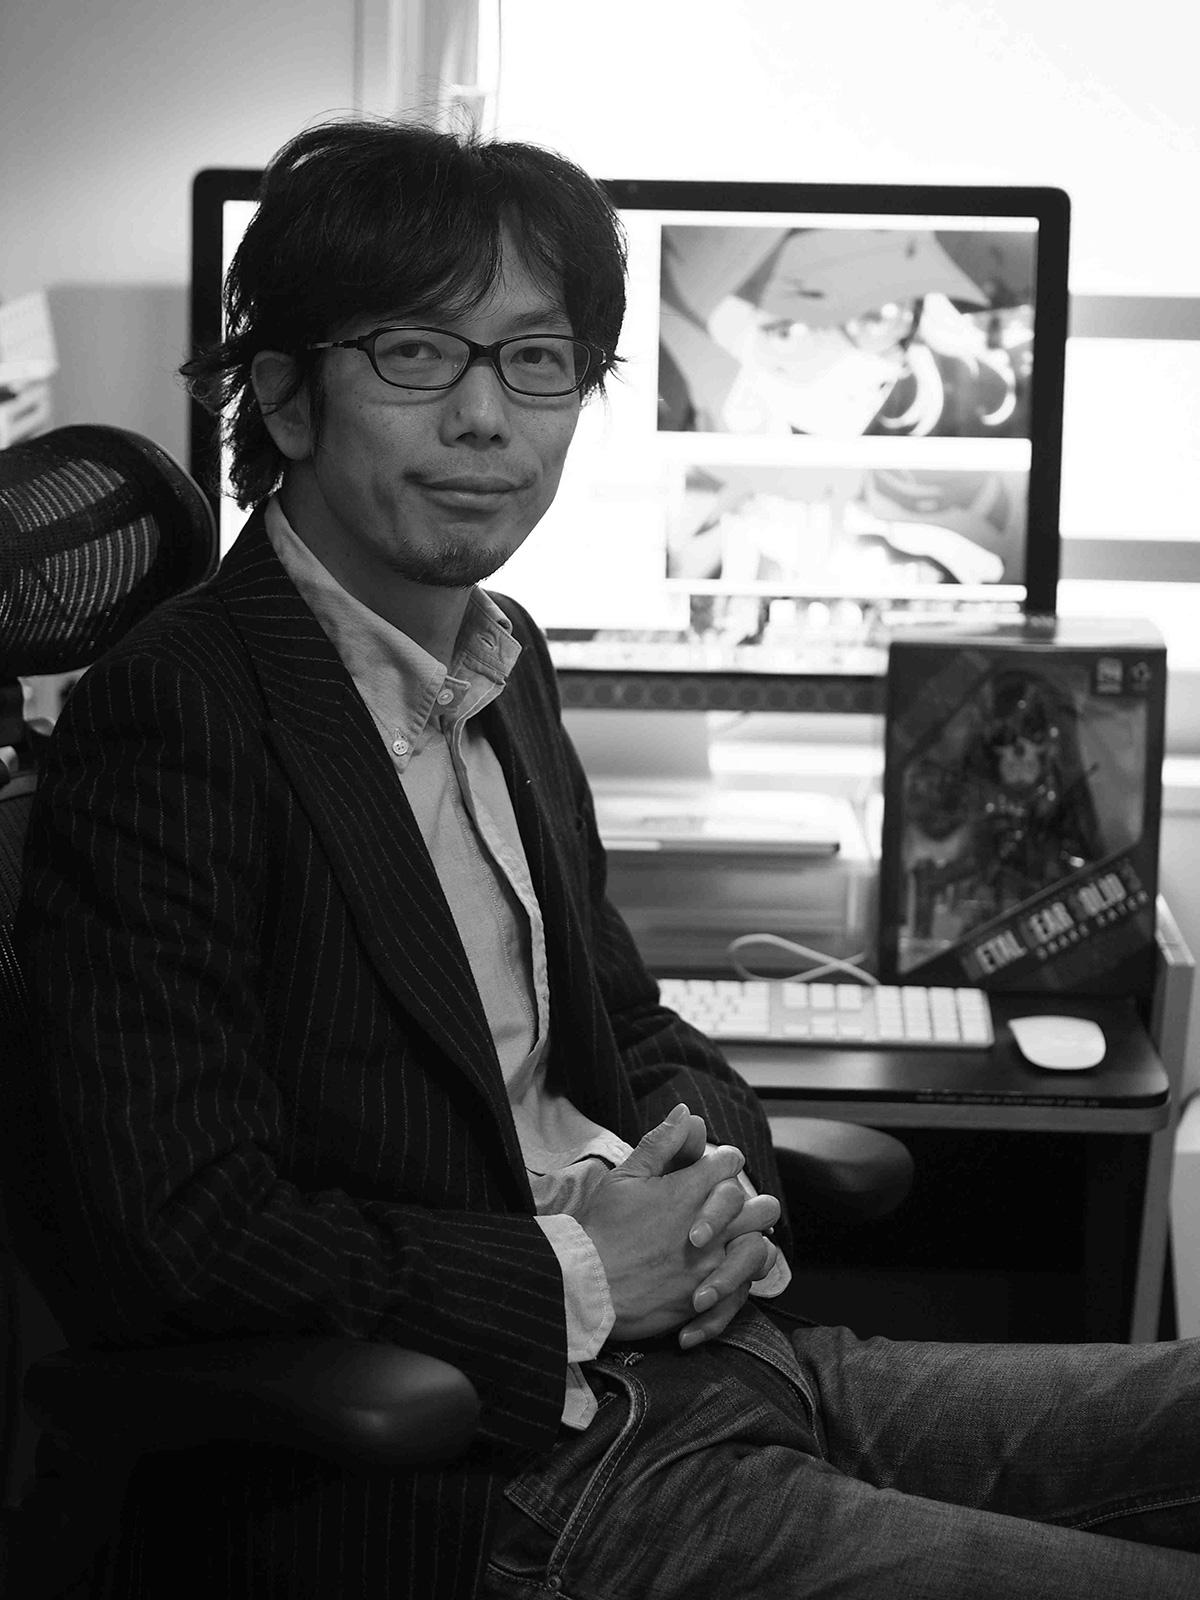 Jiro Ishii